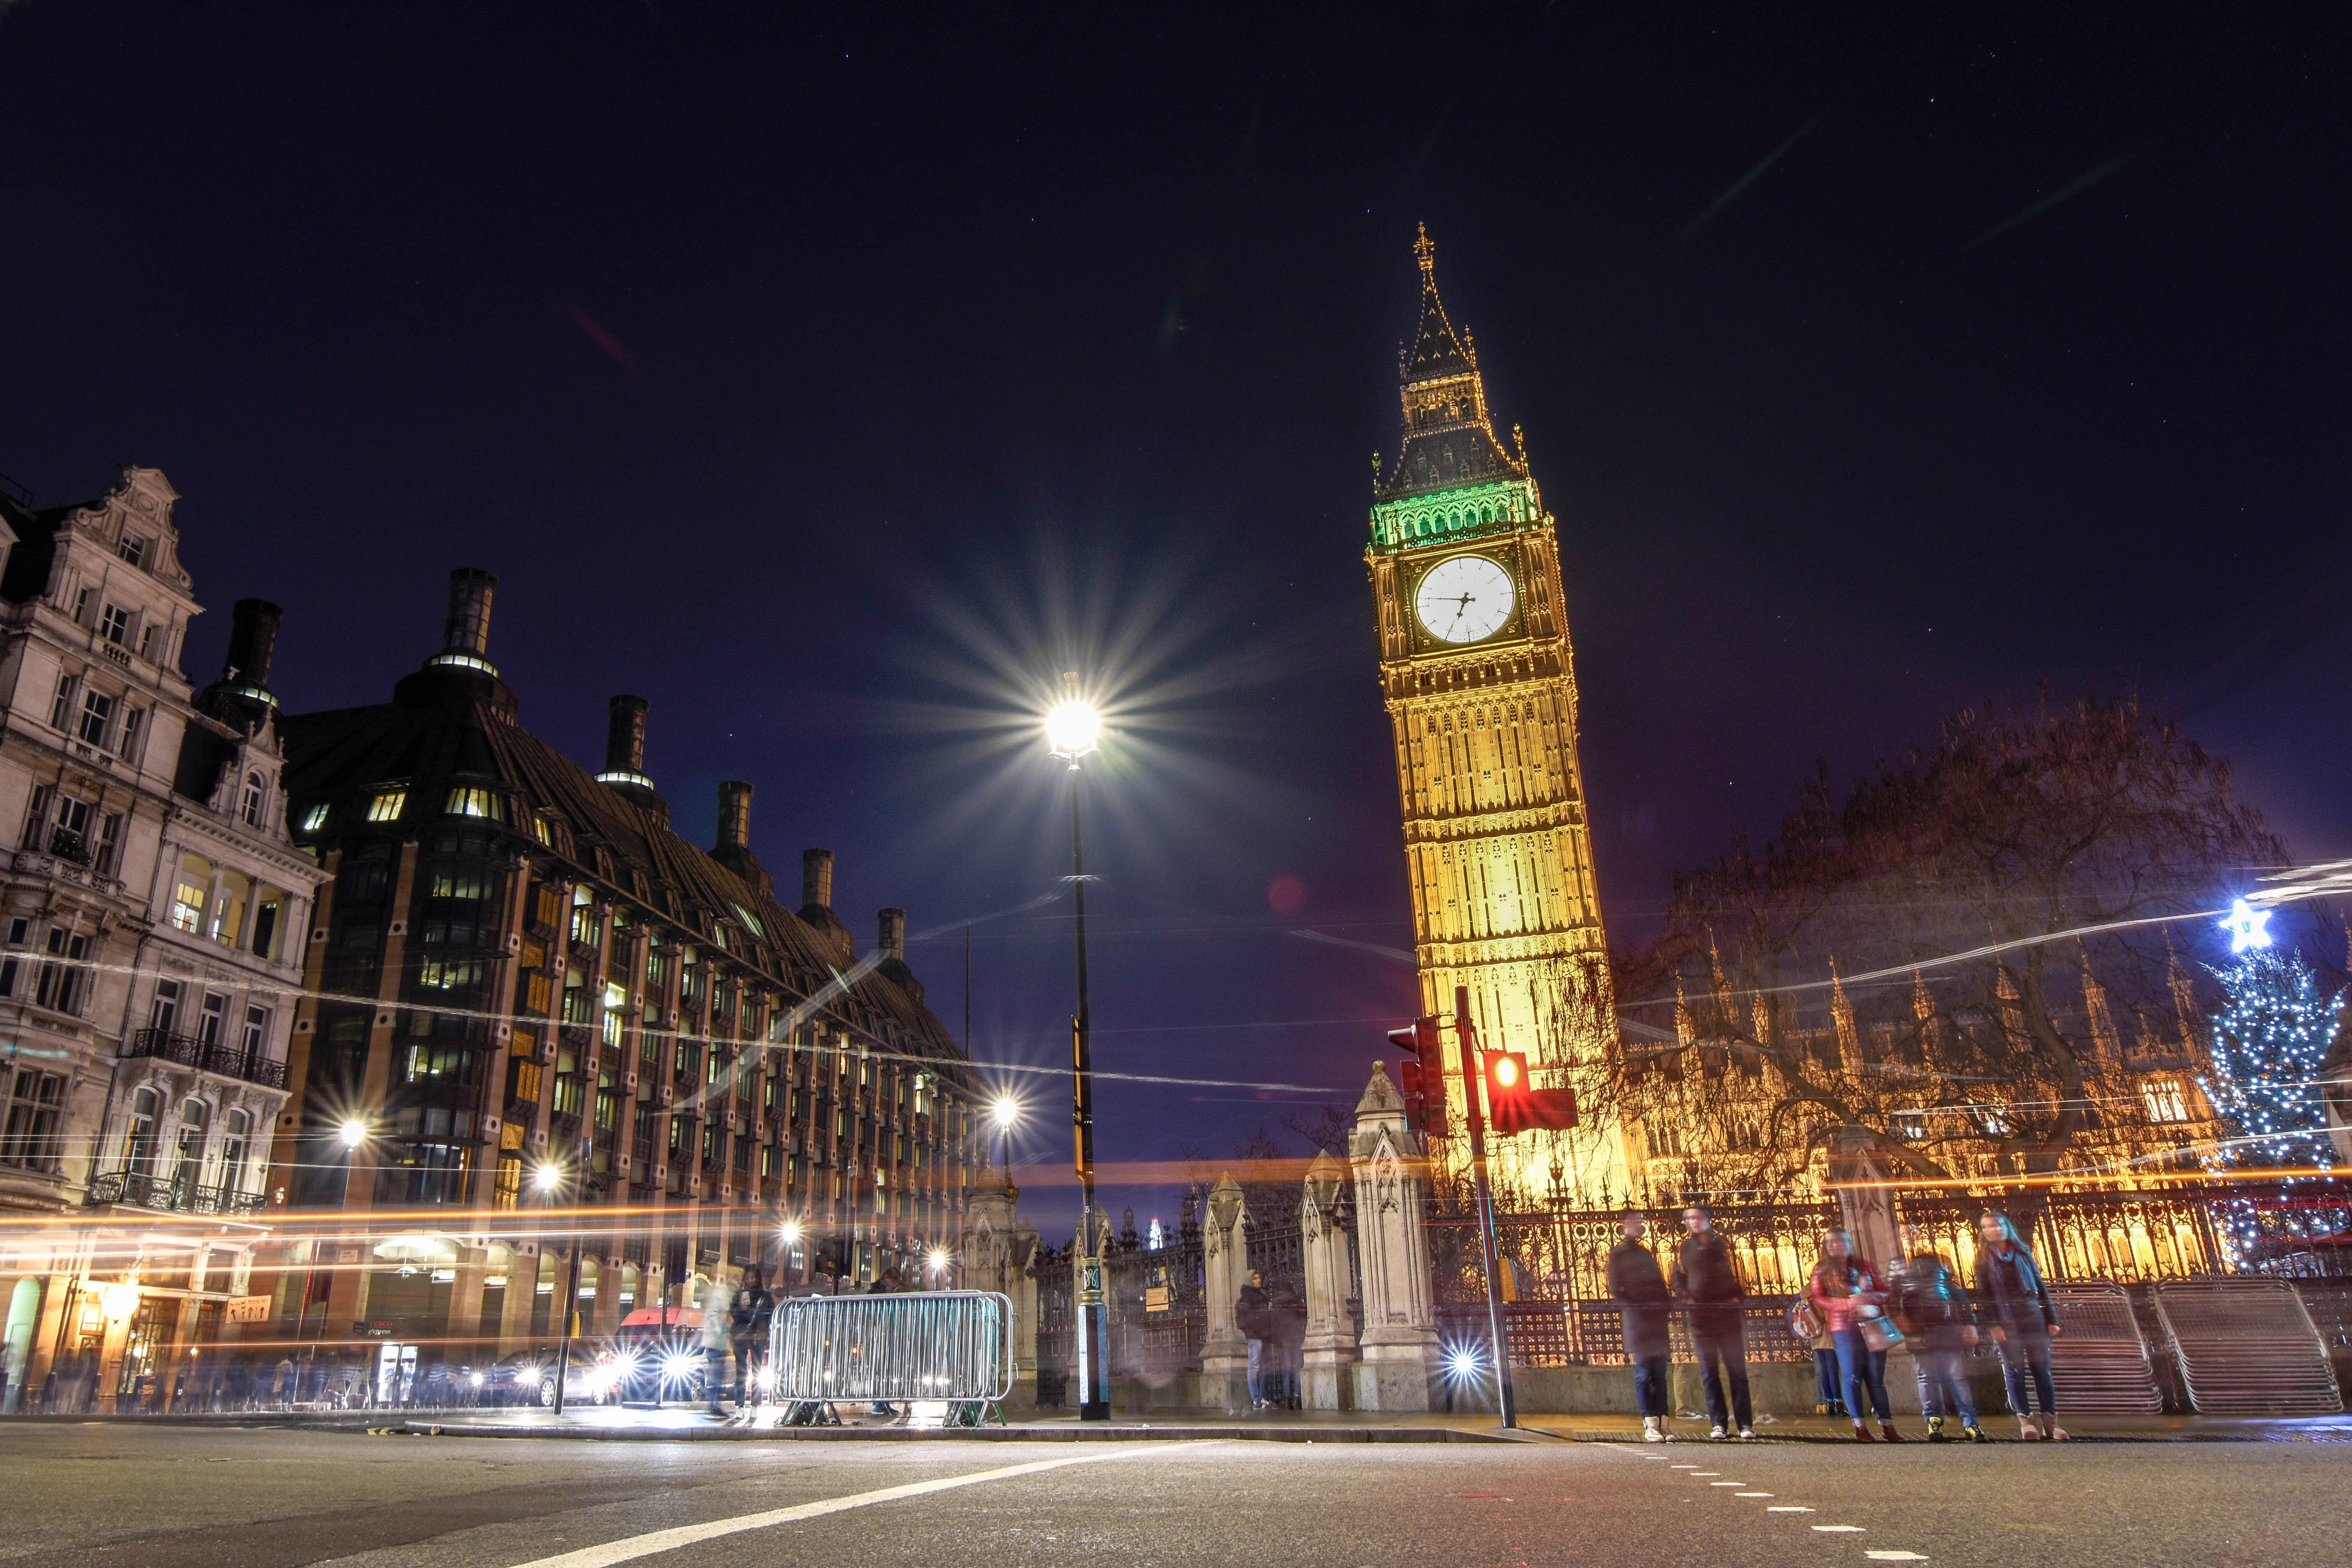 Základová fotografie zdarma na téma architektura, Big Ben, budovy, centrum města